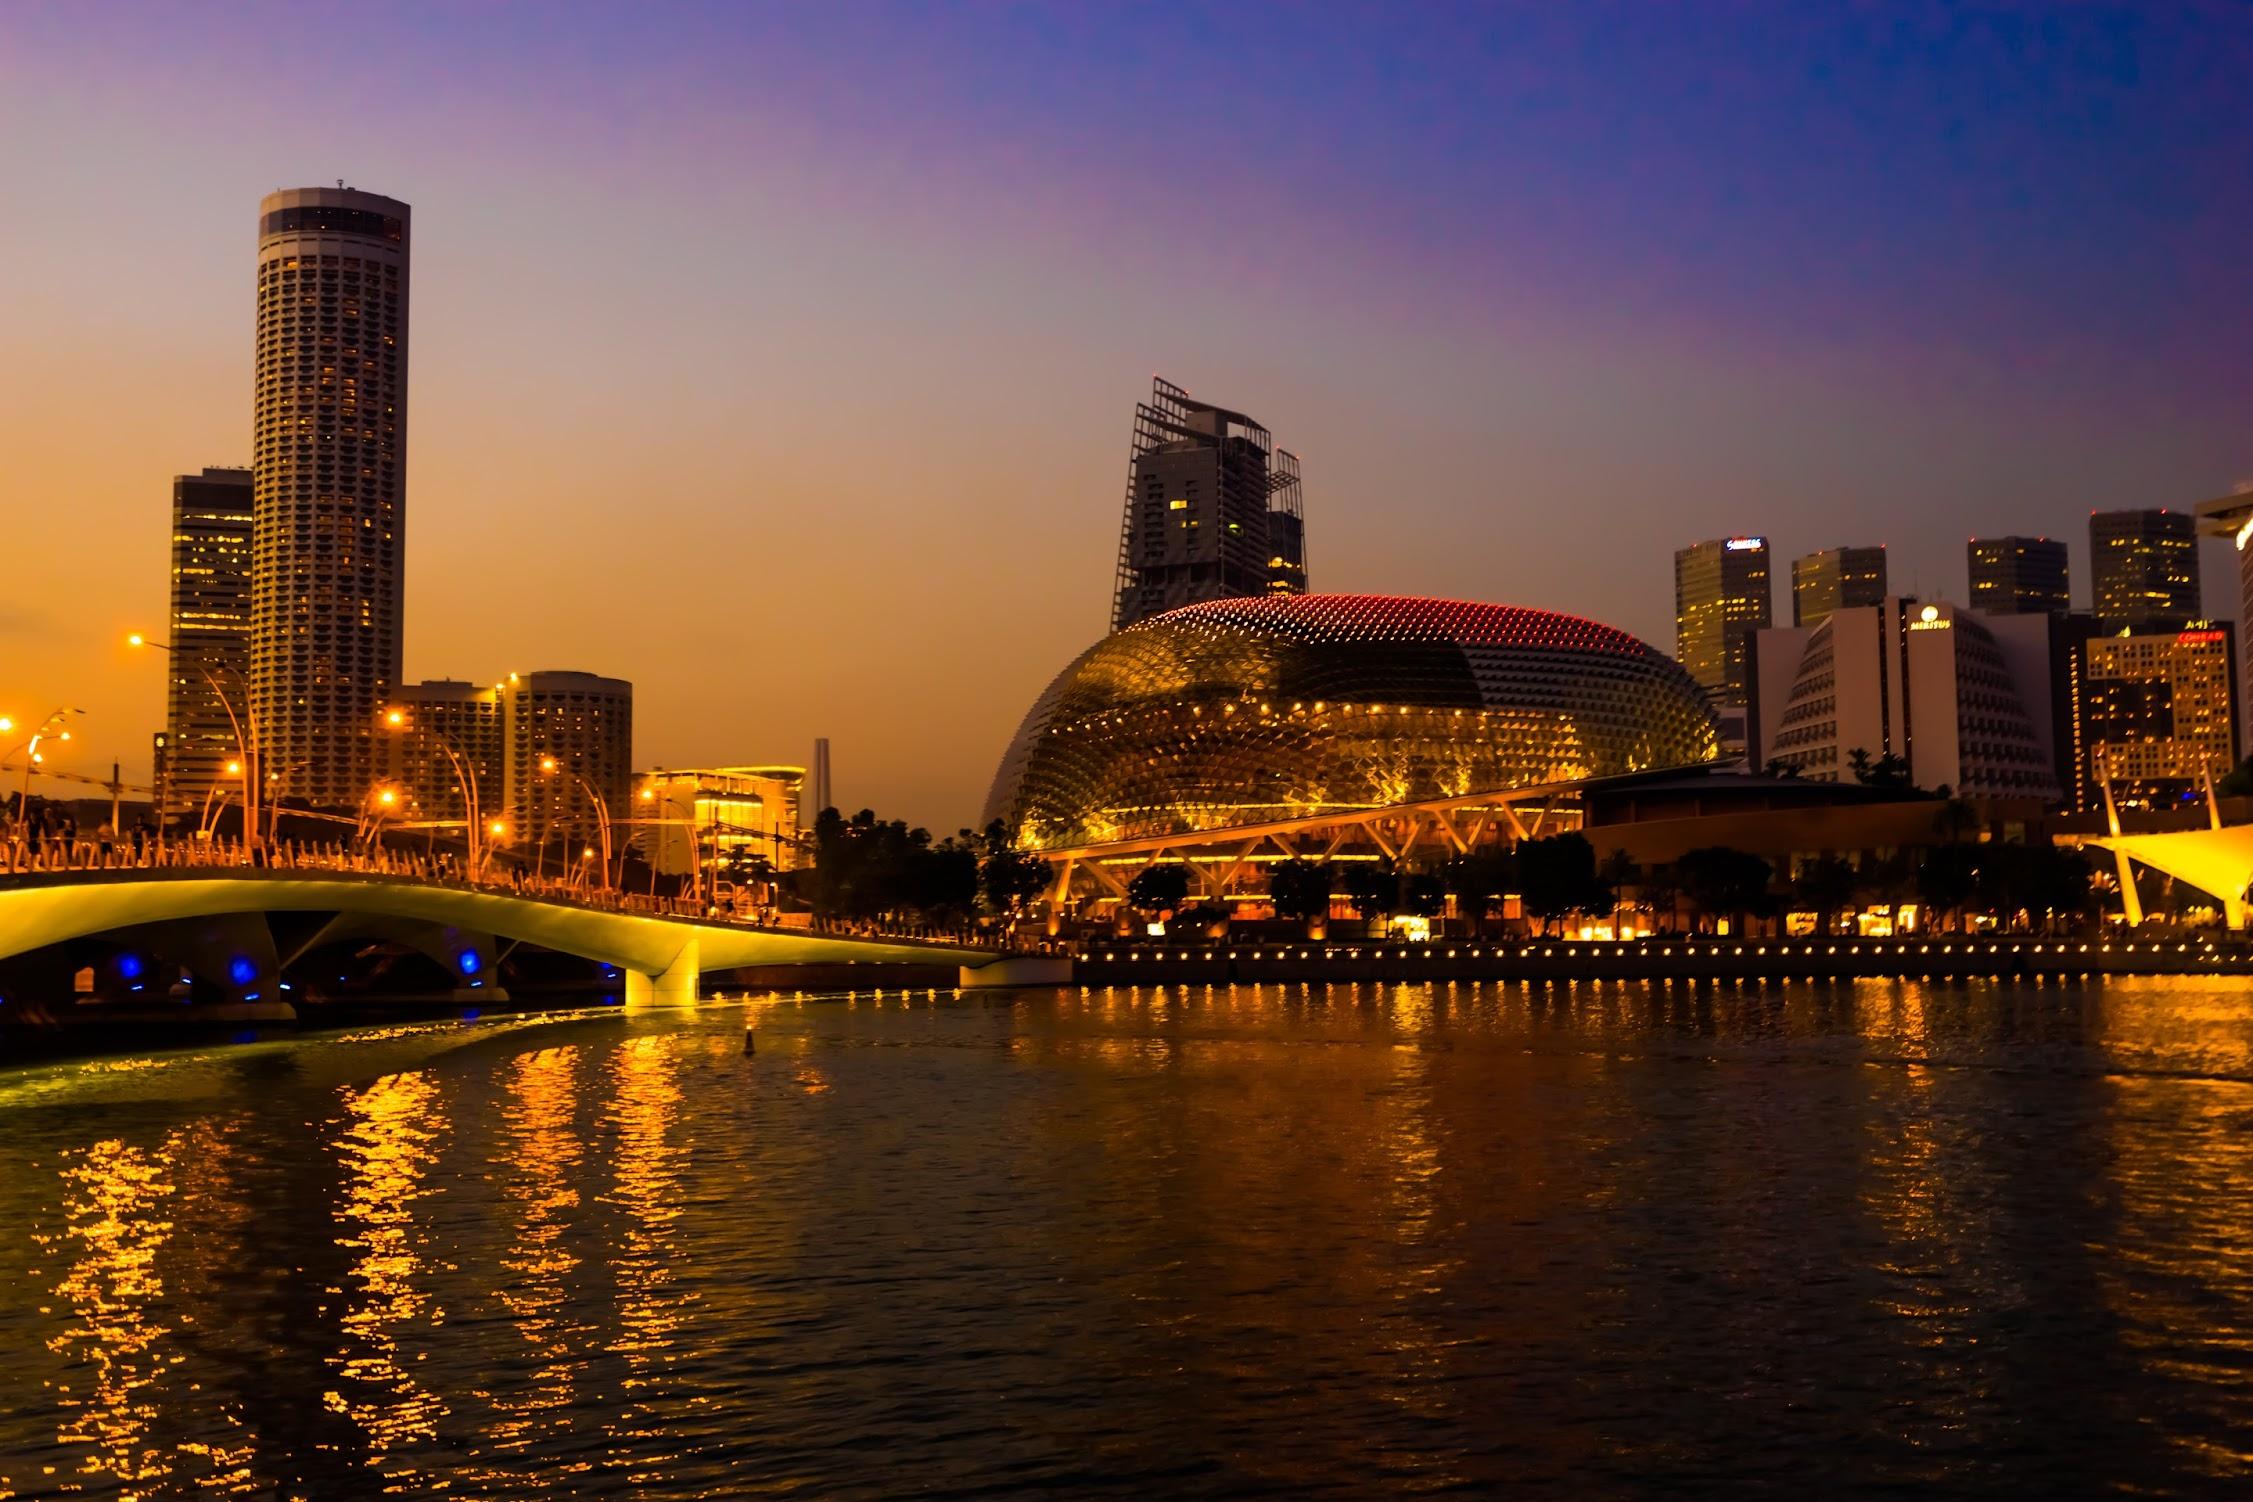 シンガポール エスプラネード 夕景1